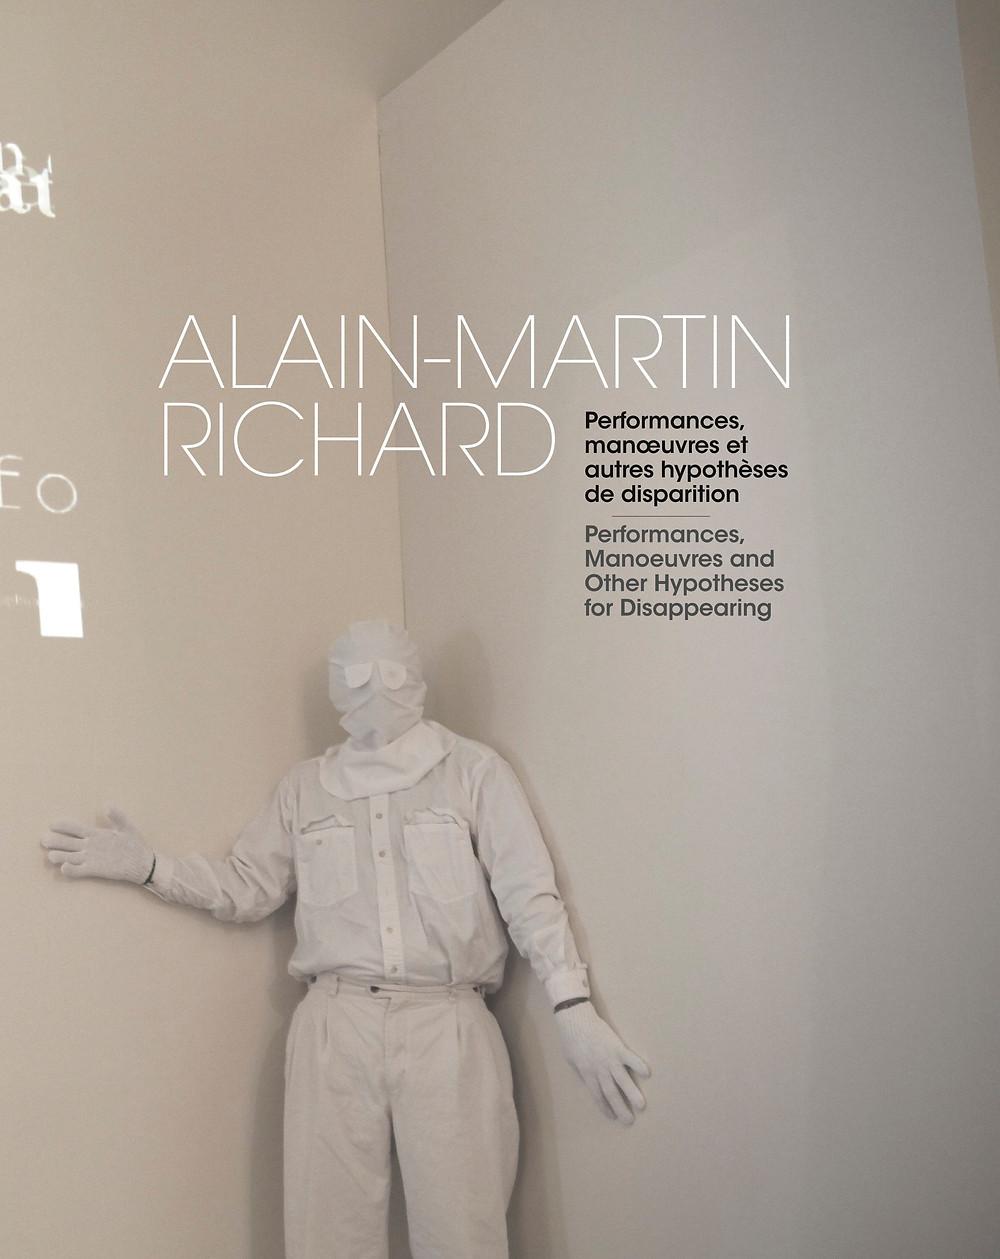 Alain-Martin Richard, Artiste de la manœuvre et de la performance, il a présenté ses travaux en Amérique du Nord, en Europe et en Asie.